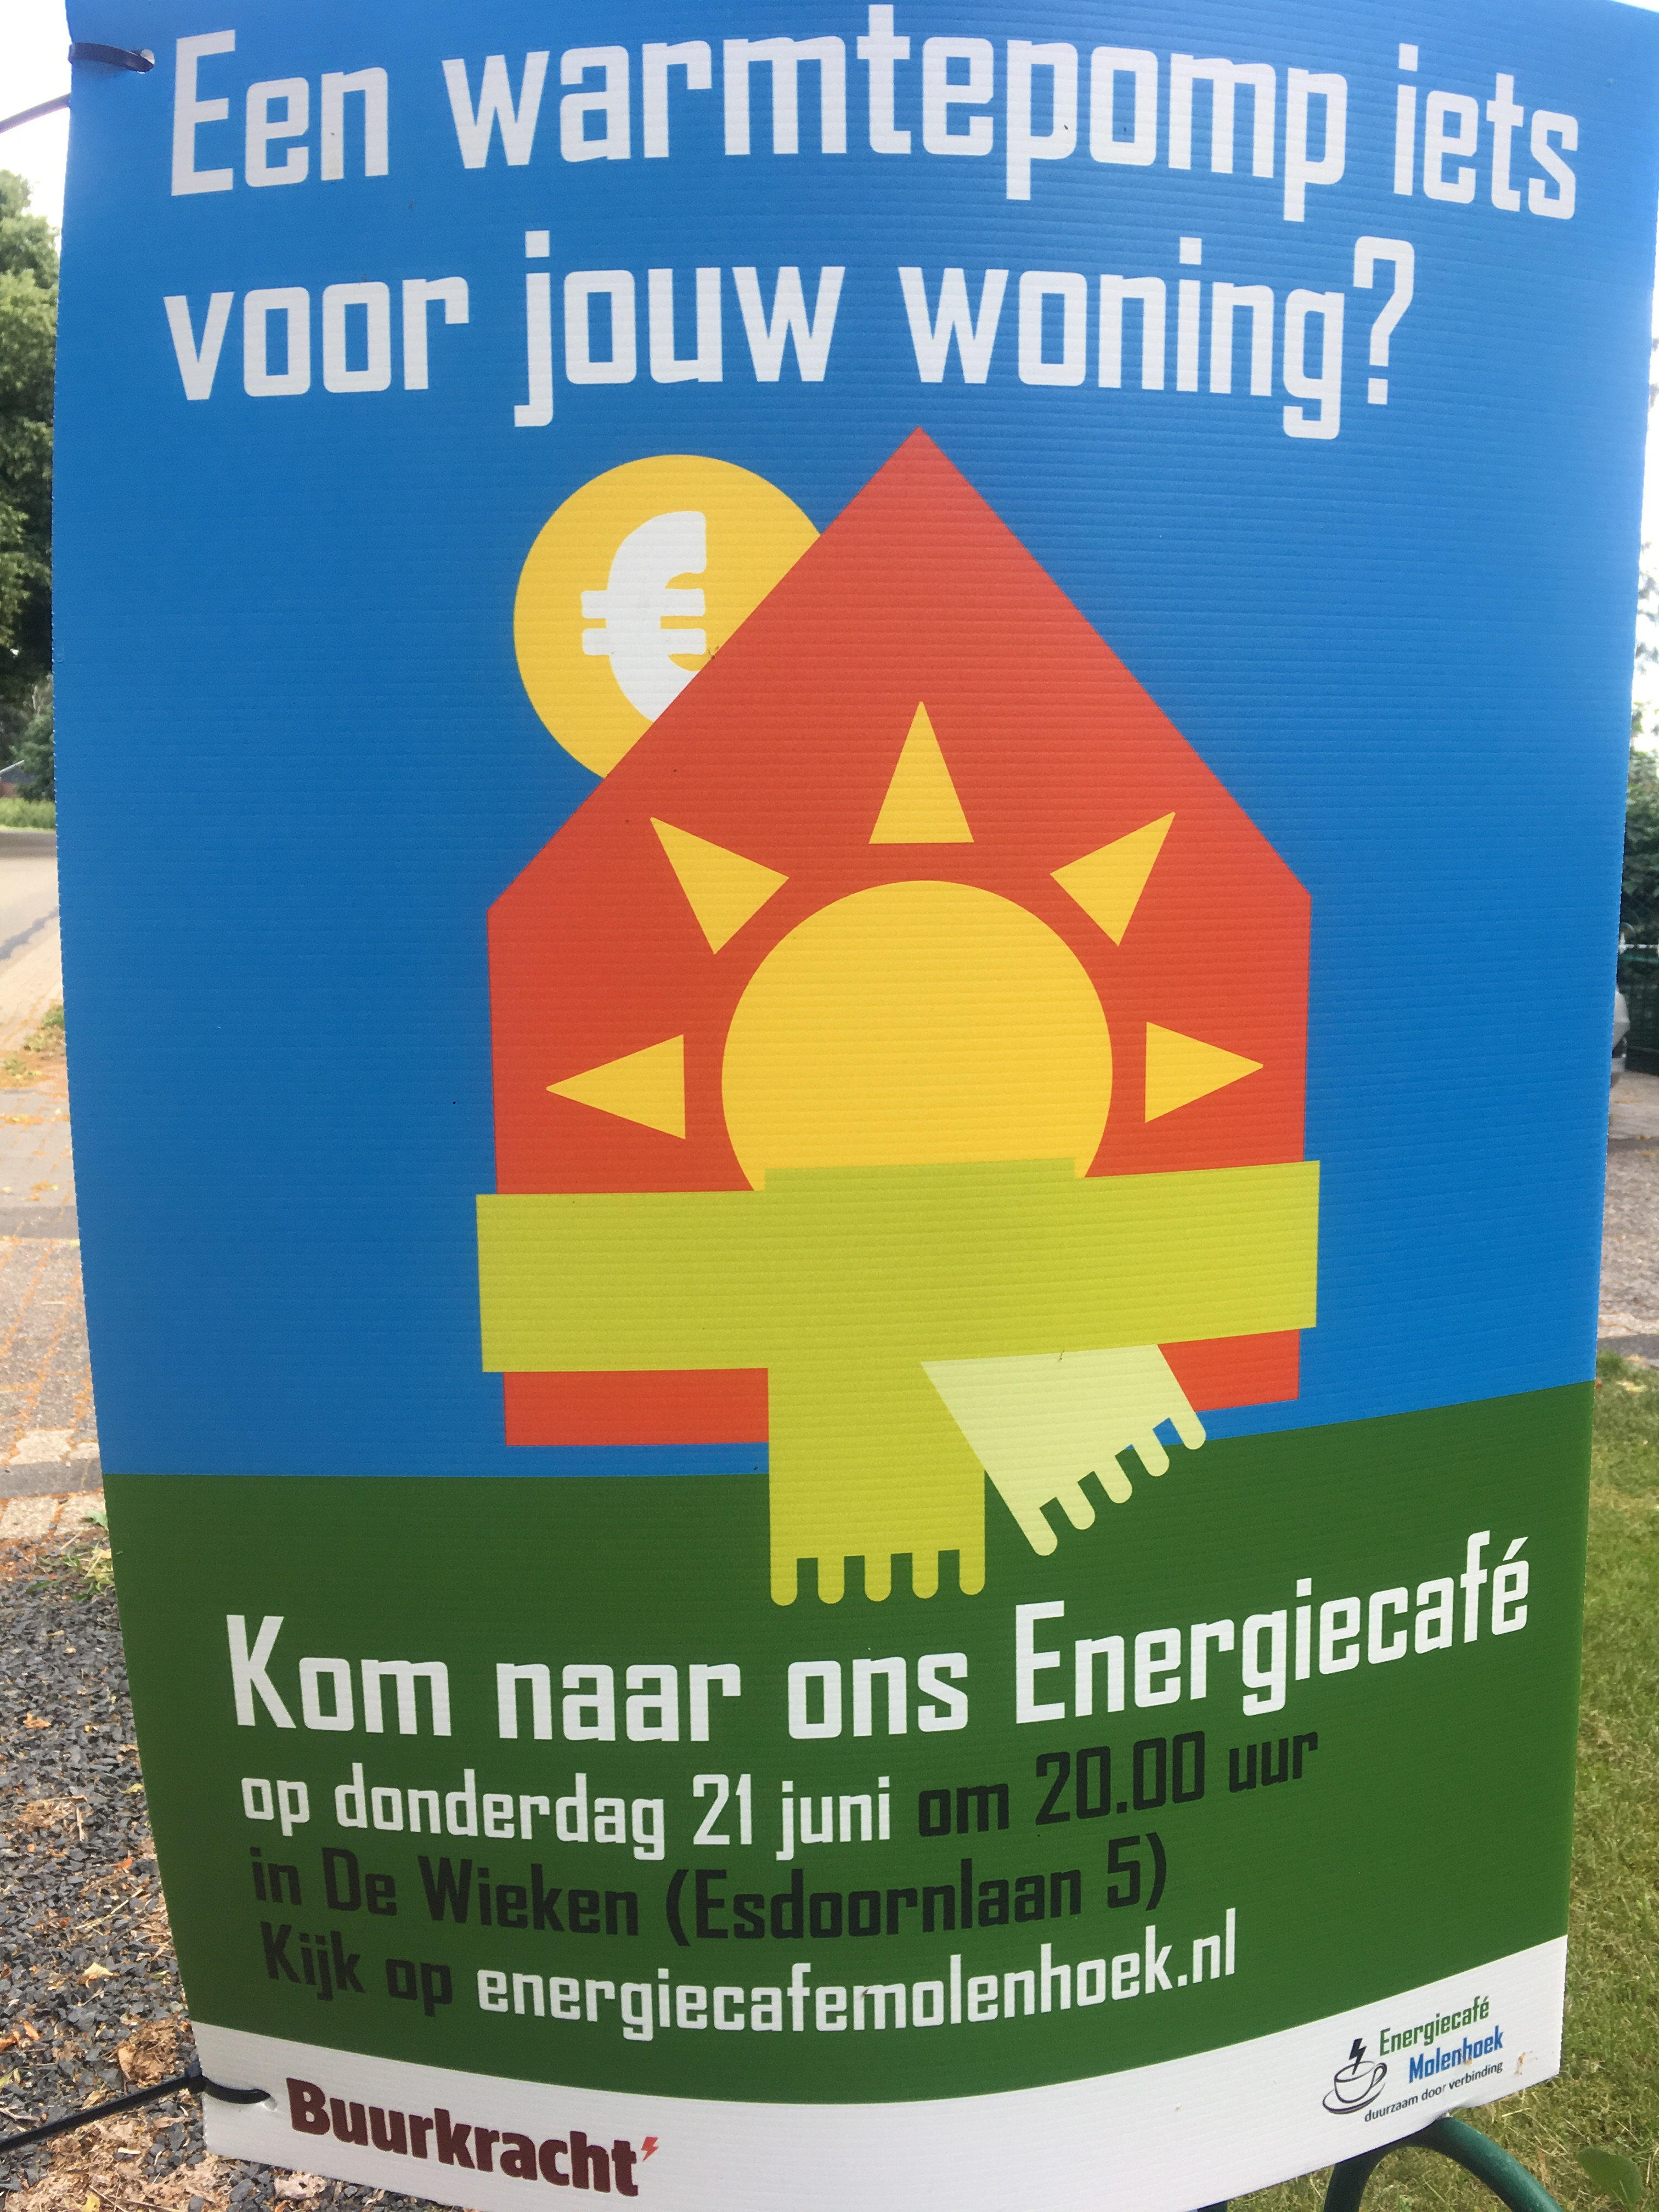 Kom naar Energiecafé #3 over warmtepompen